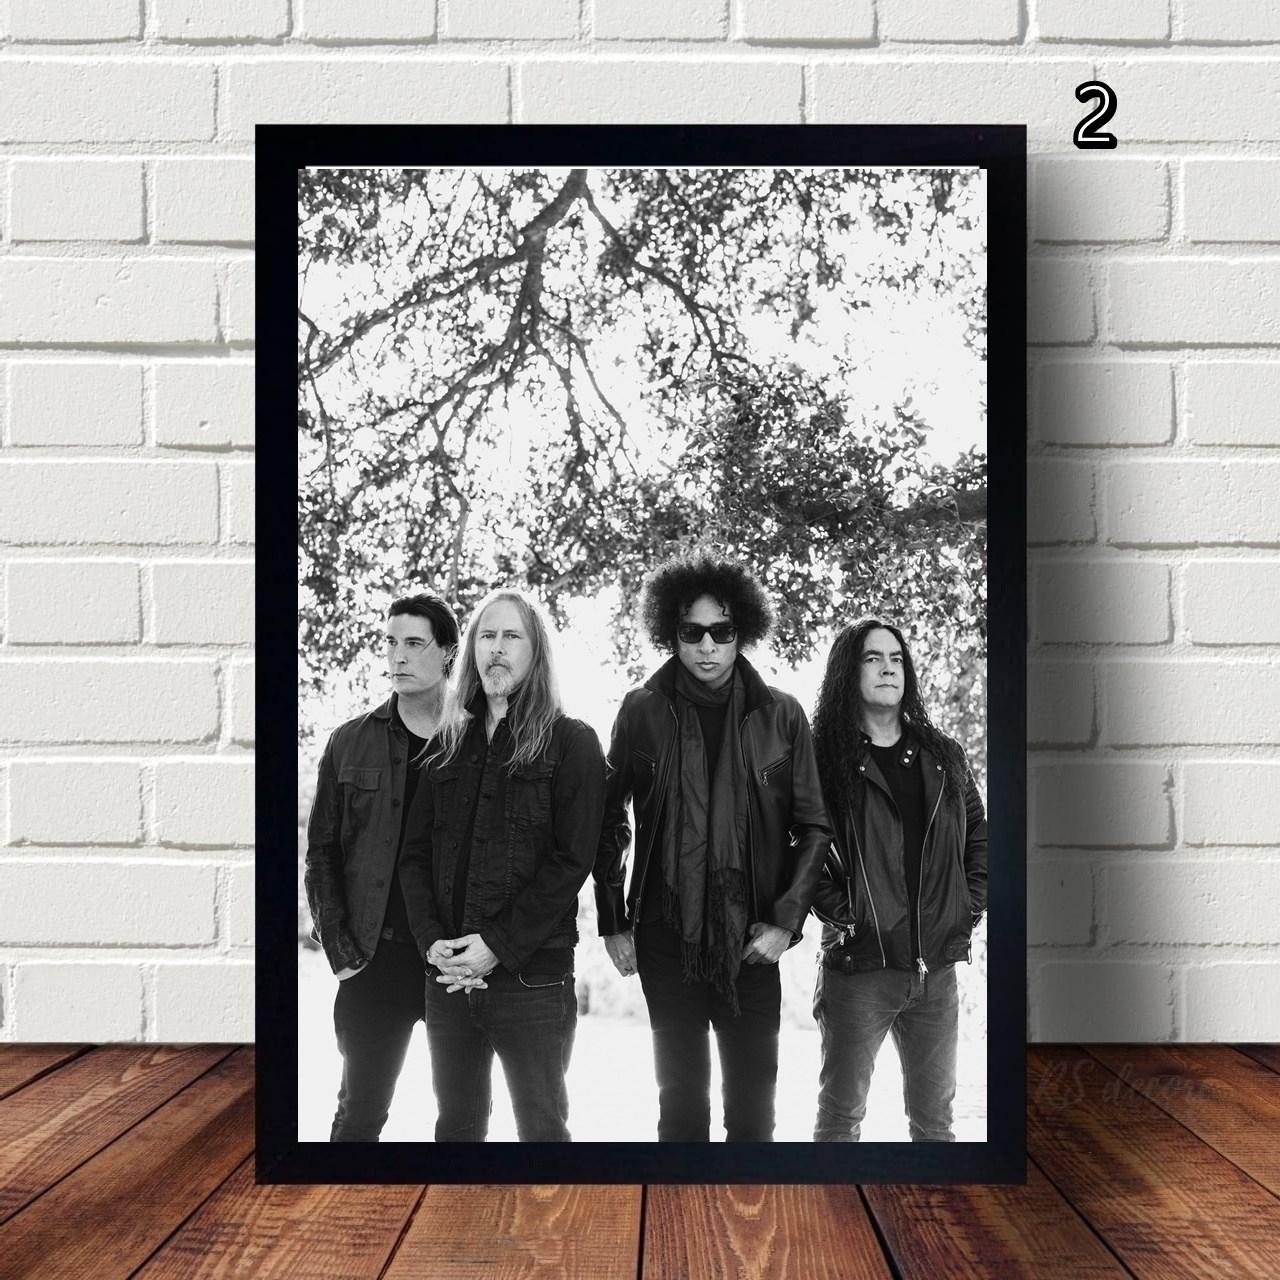 Quadro Decorativo Alice In Chains II